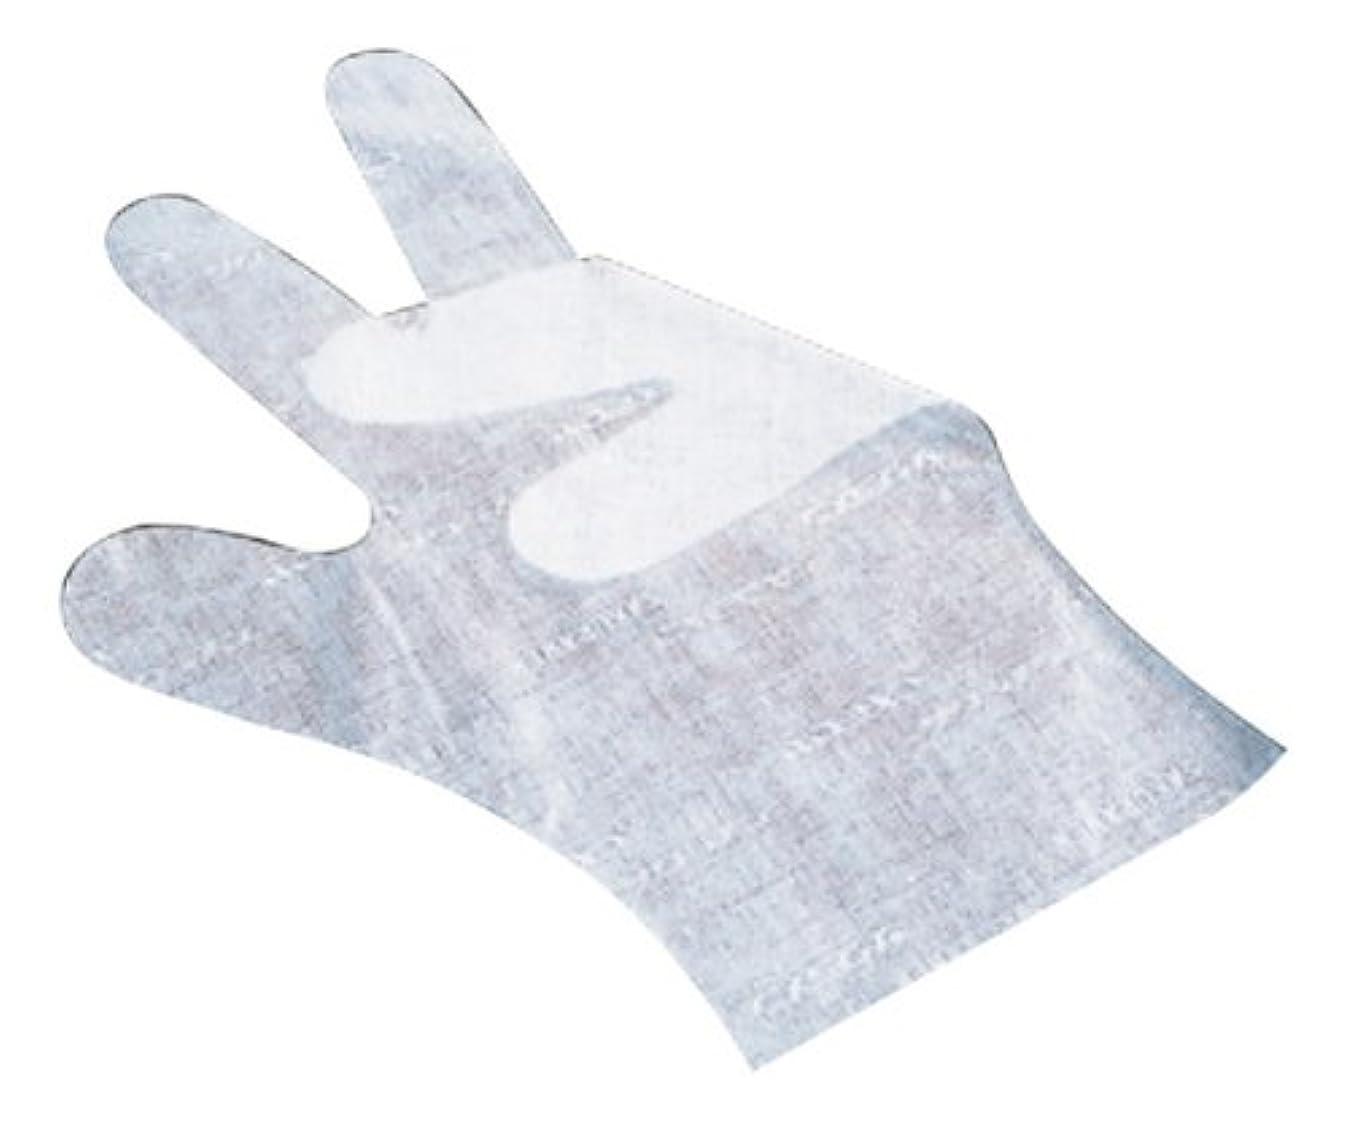 閲覧するショップ観察サクラメン手袋 デラックス(100枚入)S ホワイト 35μ